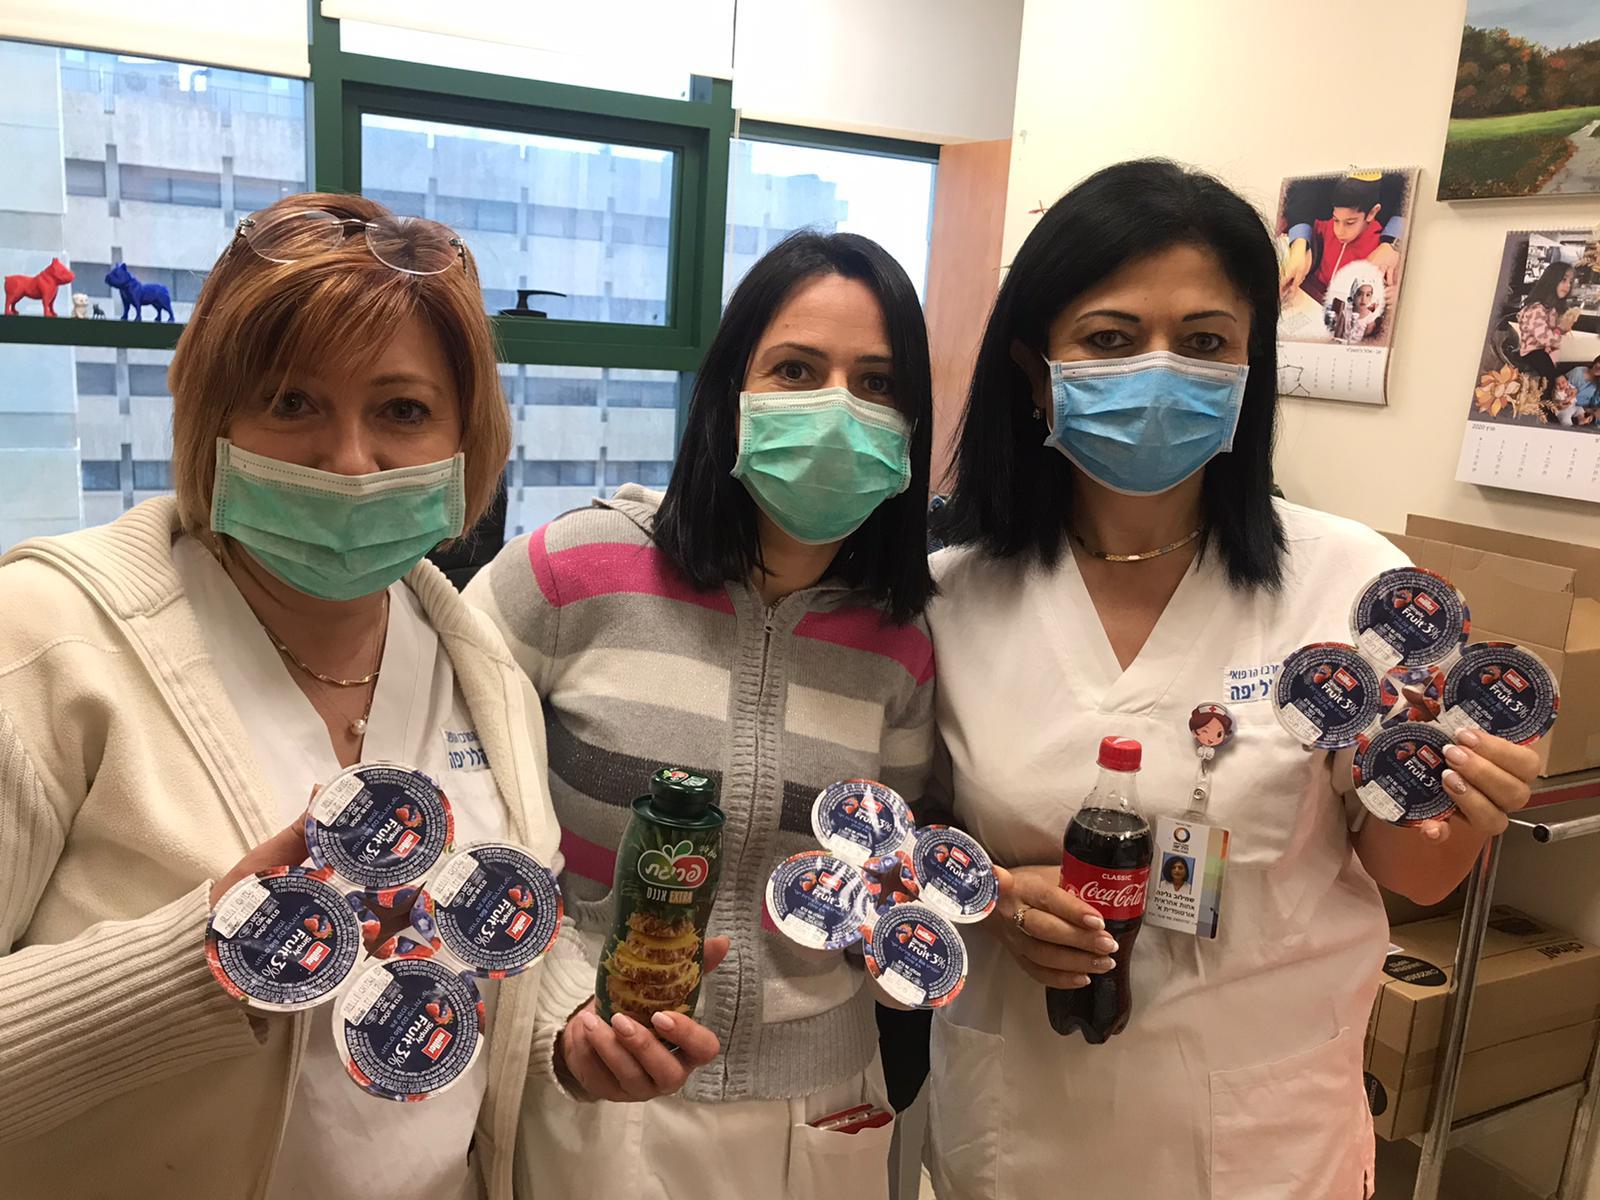 1הצוות הרפואי בהלל יפה נהנים ממשקאות וממעדנים